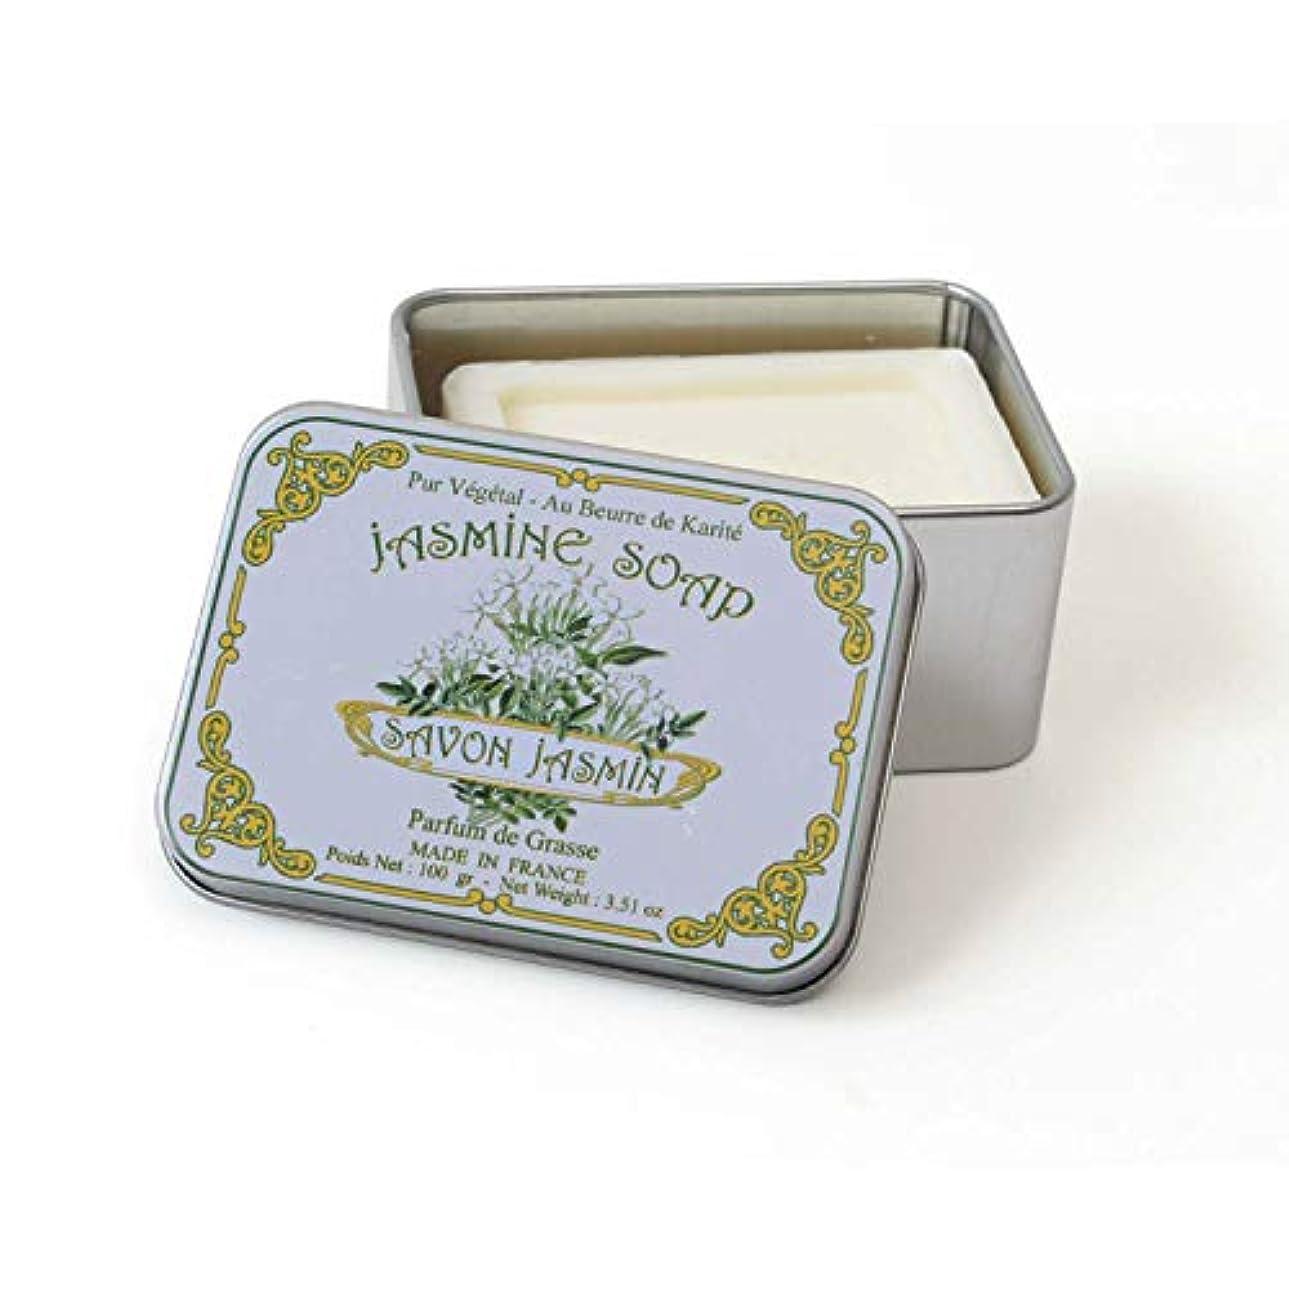 予見するペインギリック君主制Le Blanc ルブランソープ ジャ スミンの香り